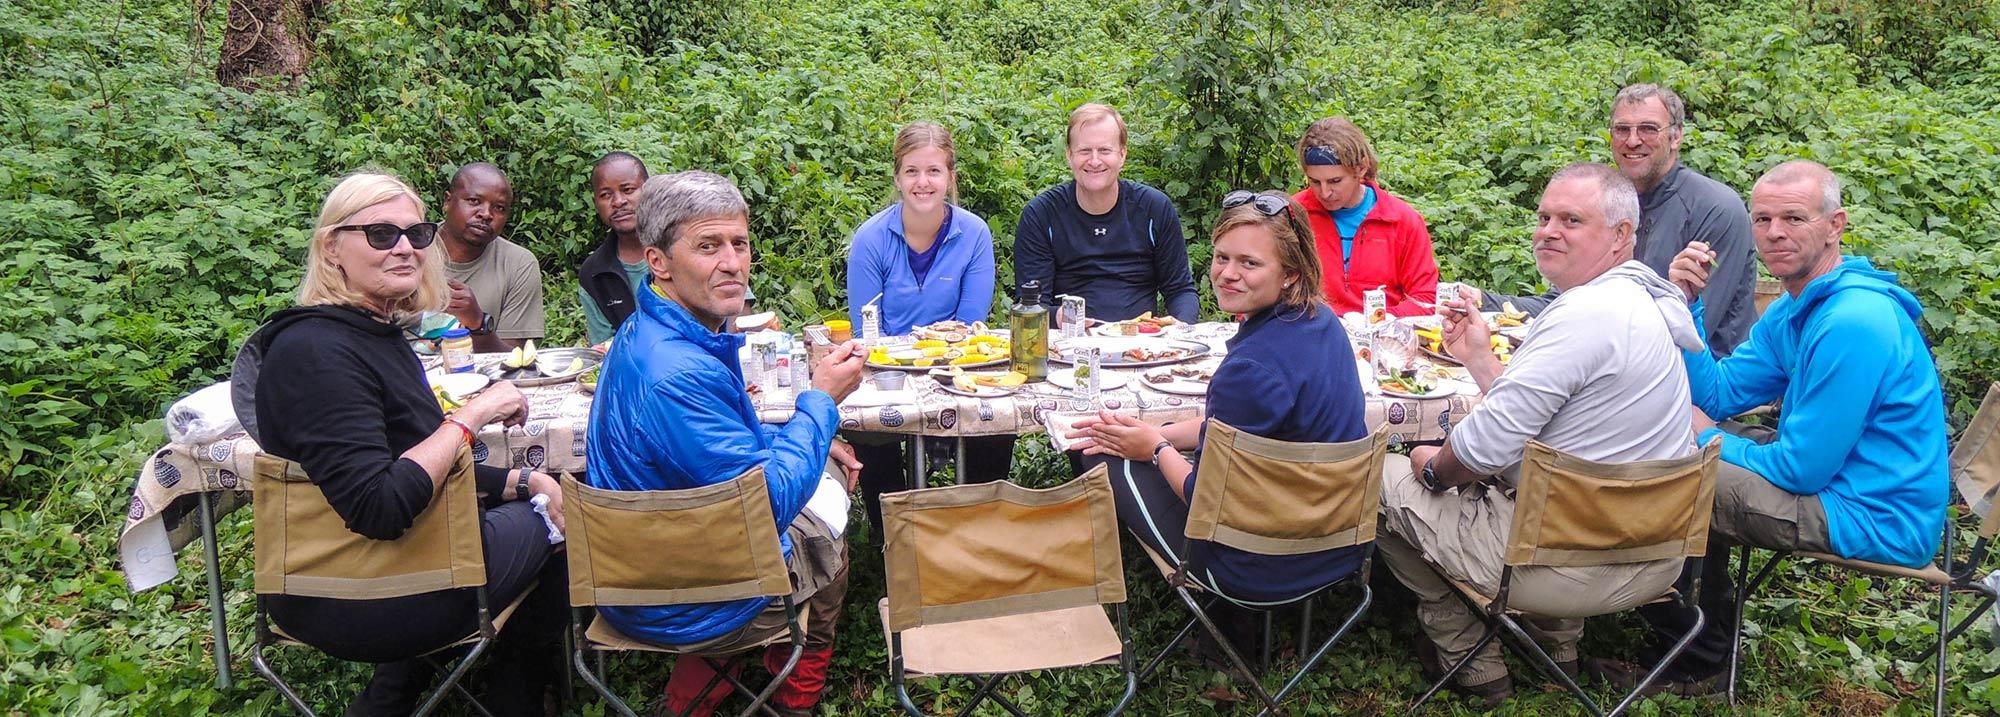 Питание наших участников при восхождении на Килиманджаро